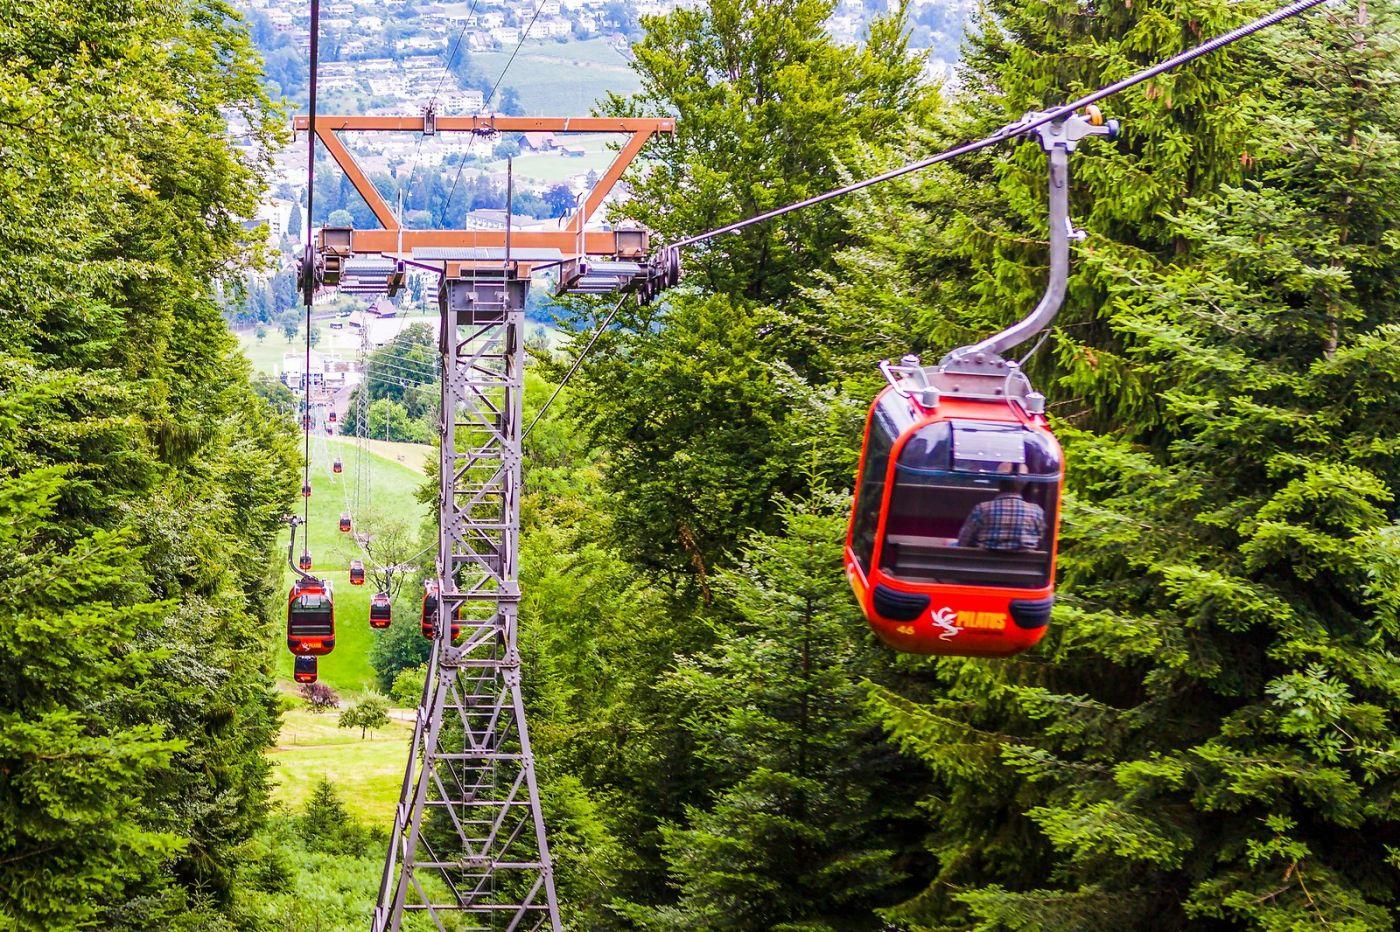 瑞士卢塞恩(Lucerne),坐缆车看风景_图1-21